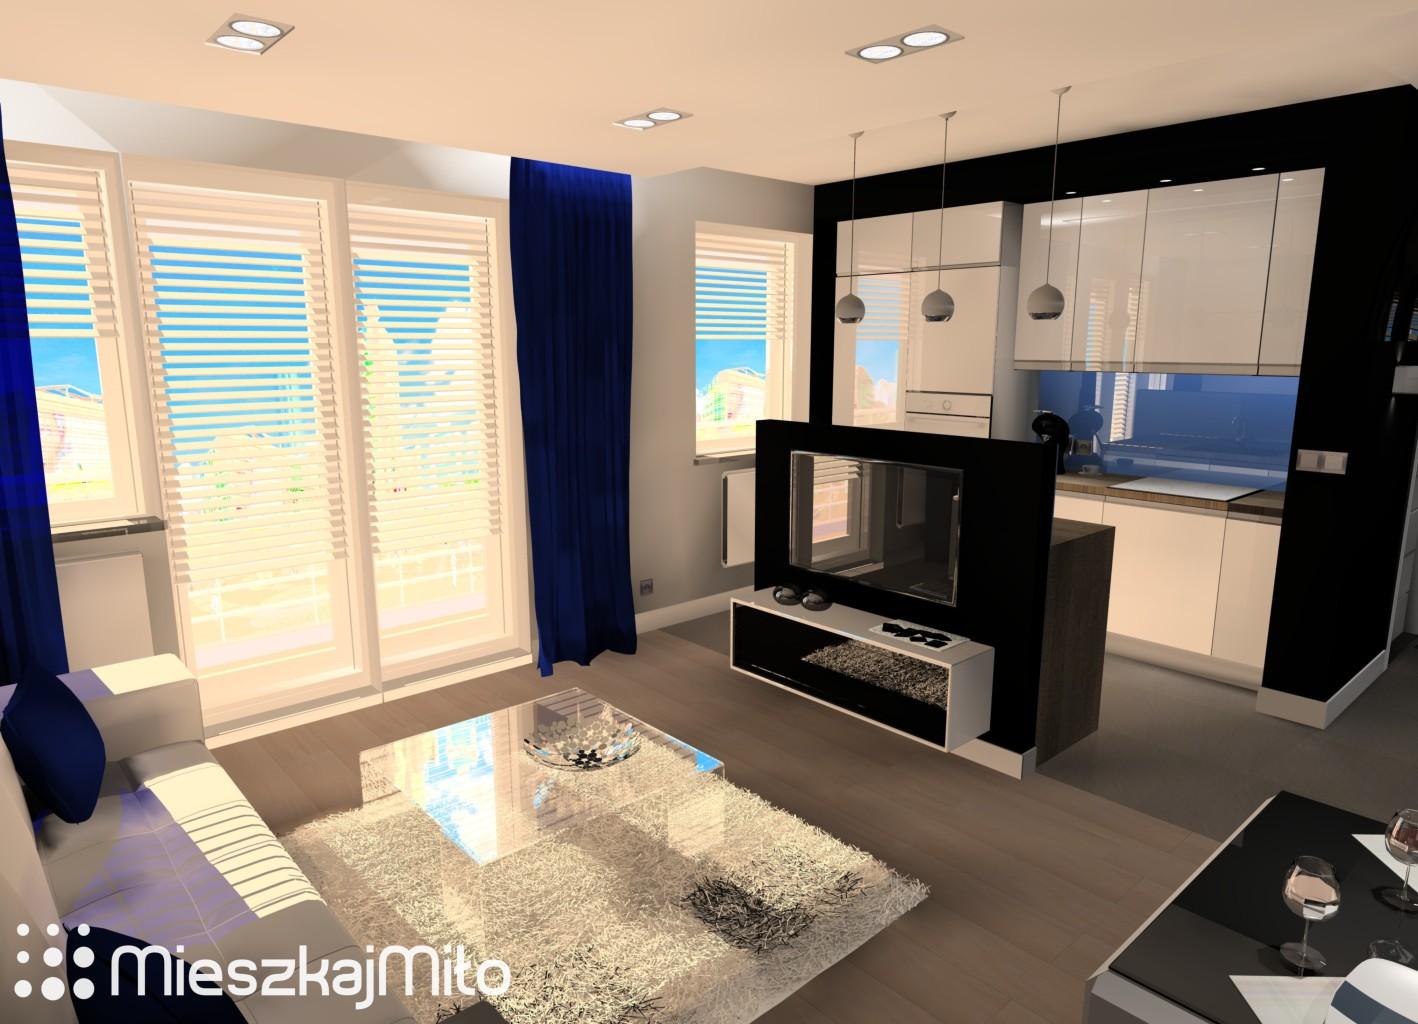 Aranżacja wnętrz blog  MieszkajMiło 3 -> Kuchnia Otwarta Na Salon W Mieszkaniu